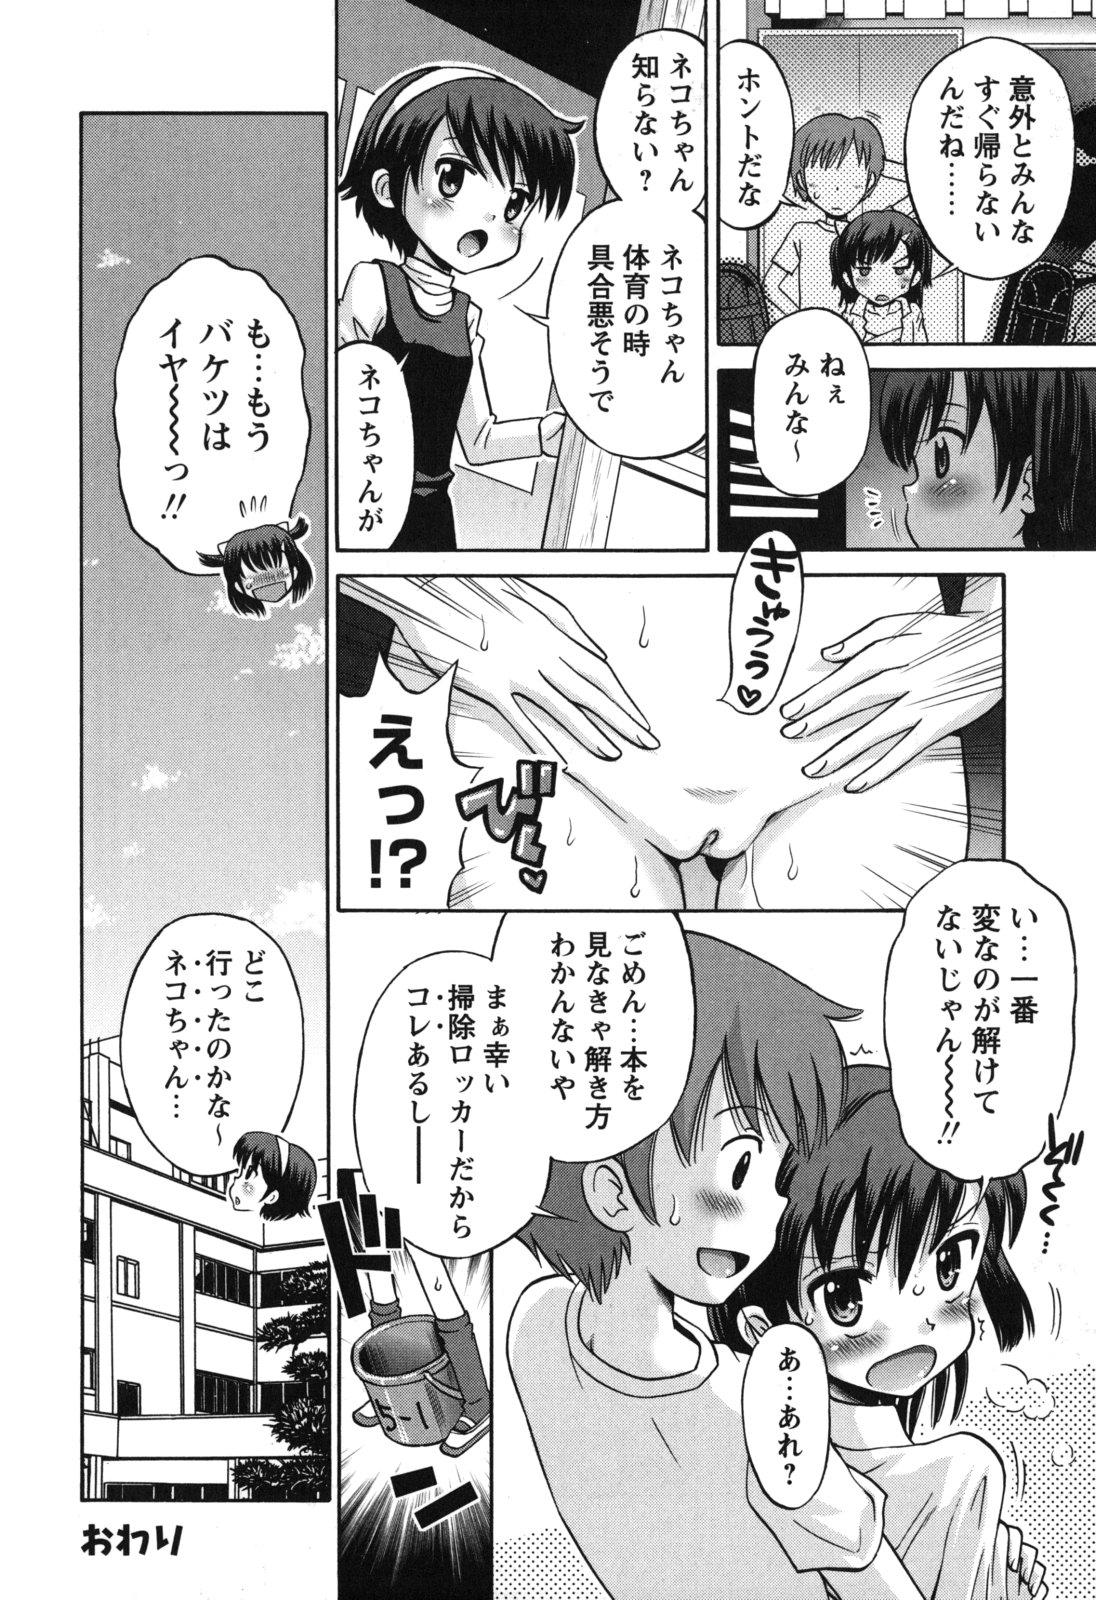 SOS! Sukebe na Osananajimi ga Shinobikondekimashita. 118